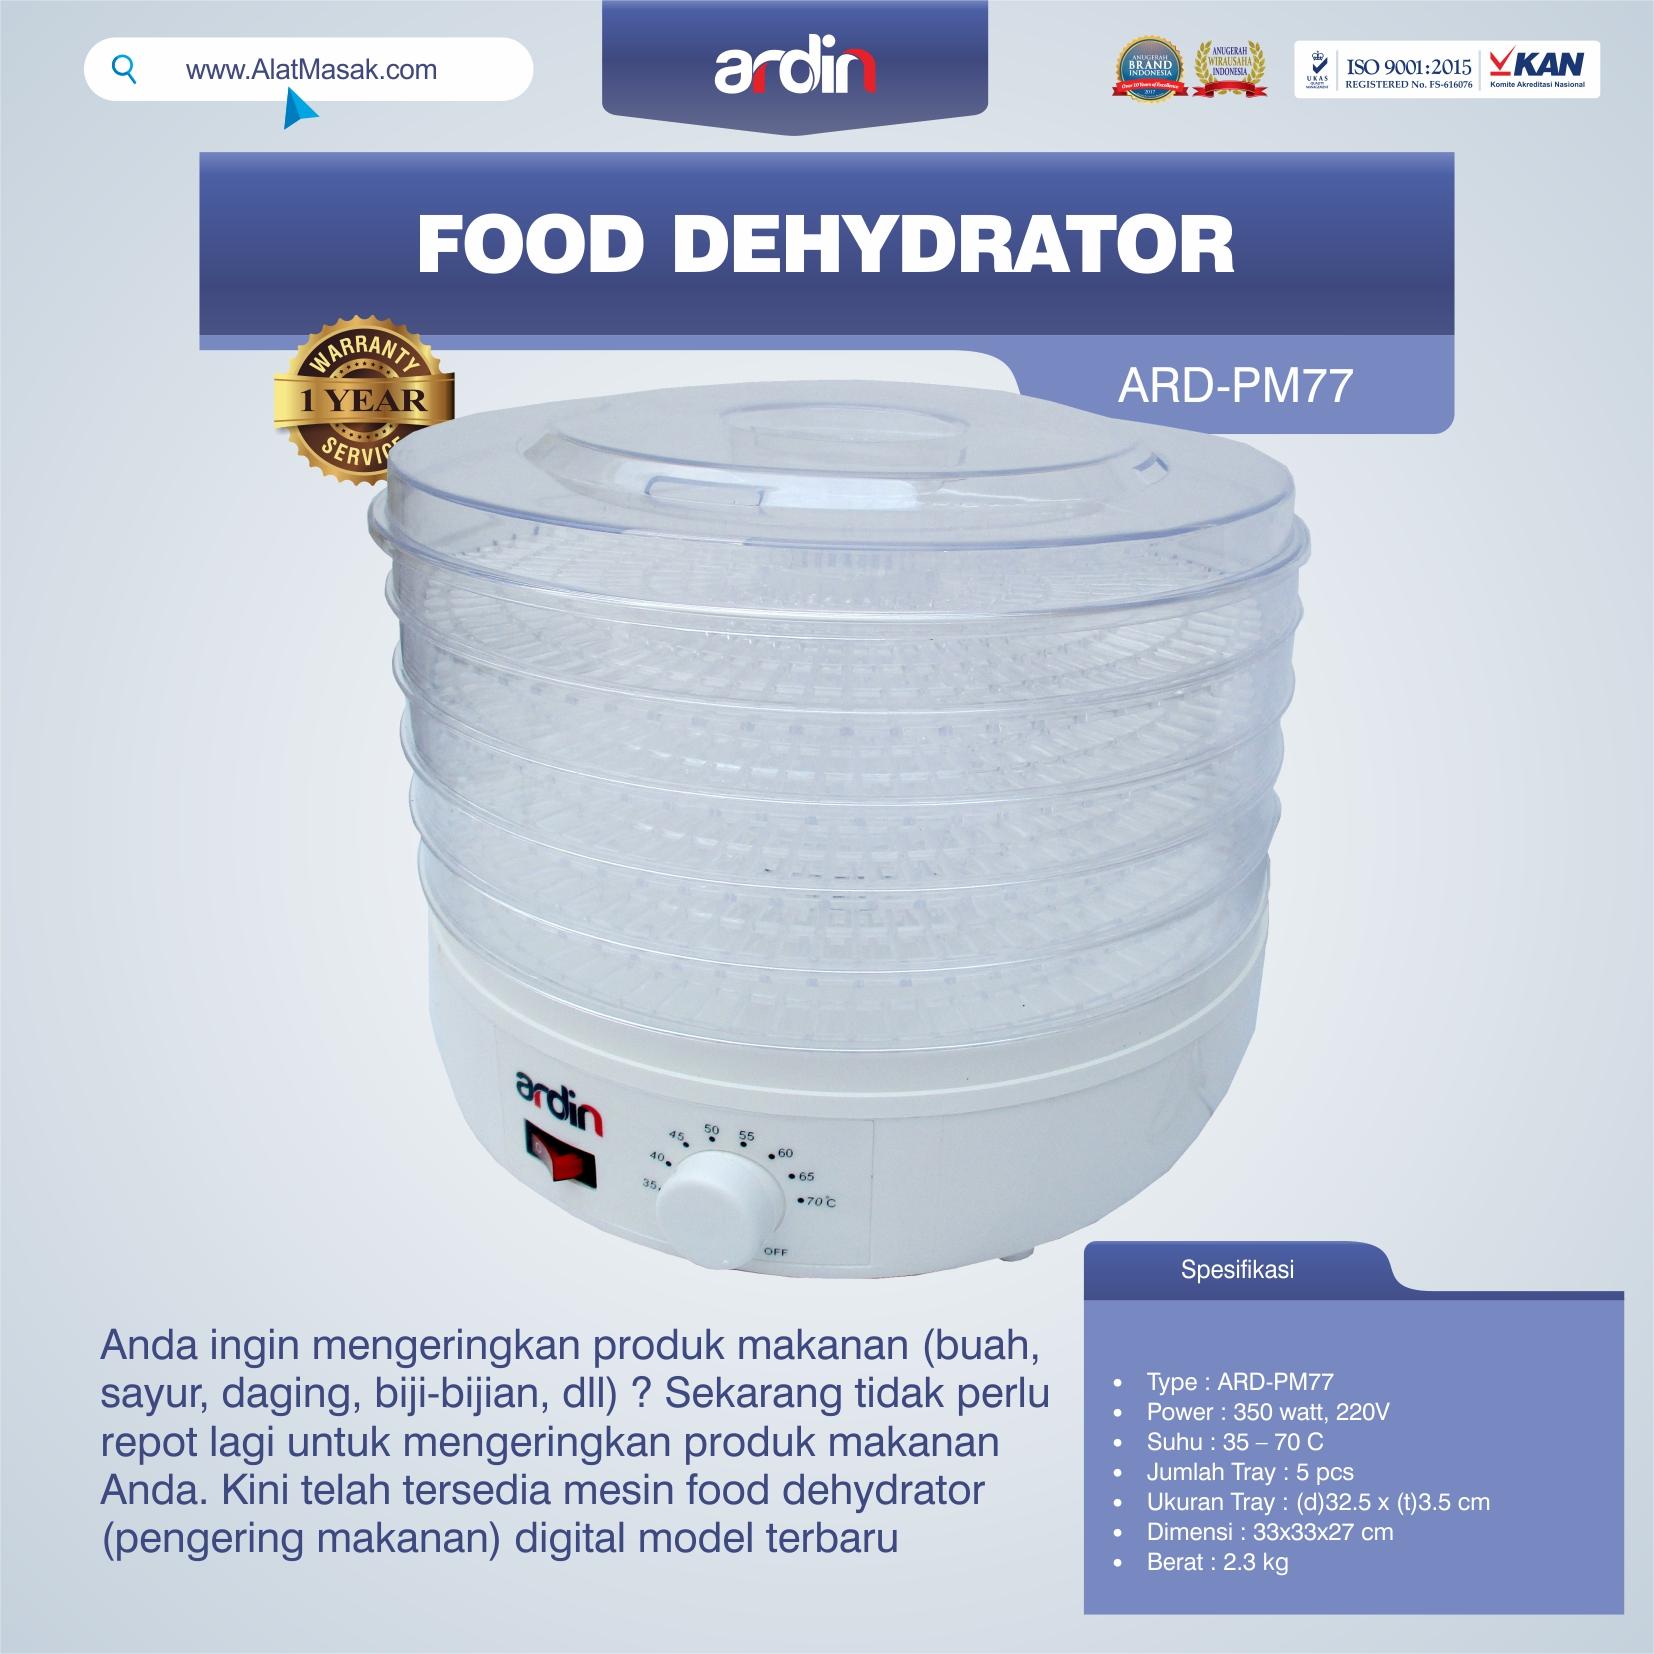 Jual Food Dehydrator ARD-PM77 di Yogyakarta